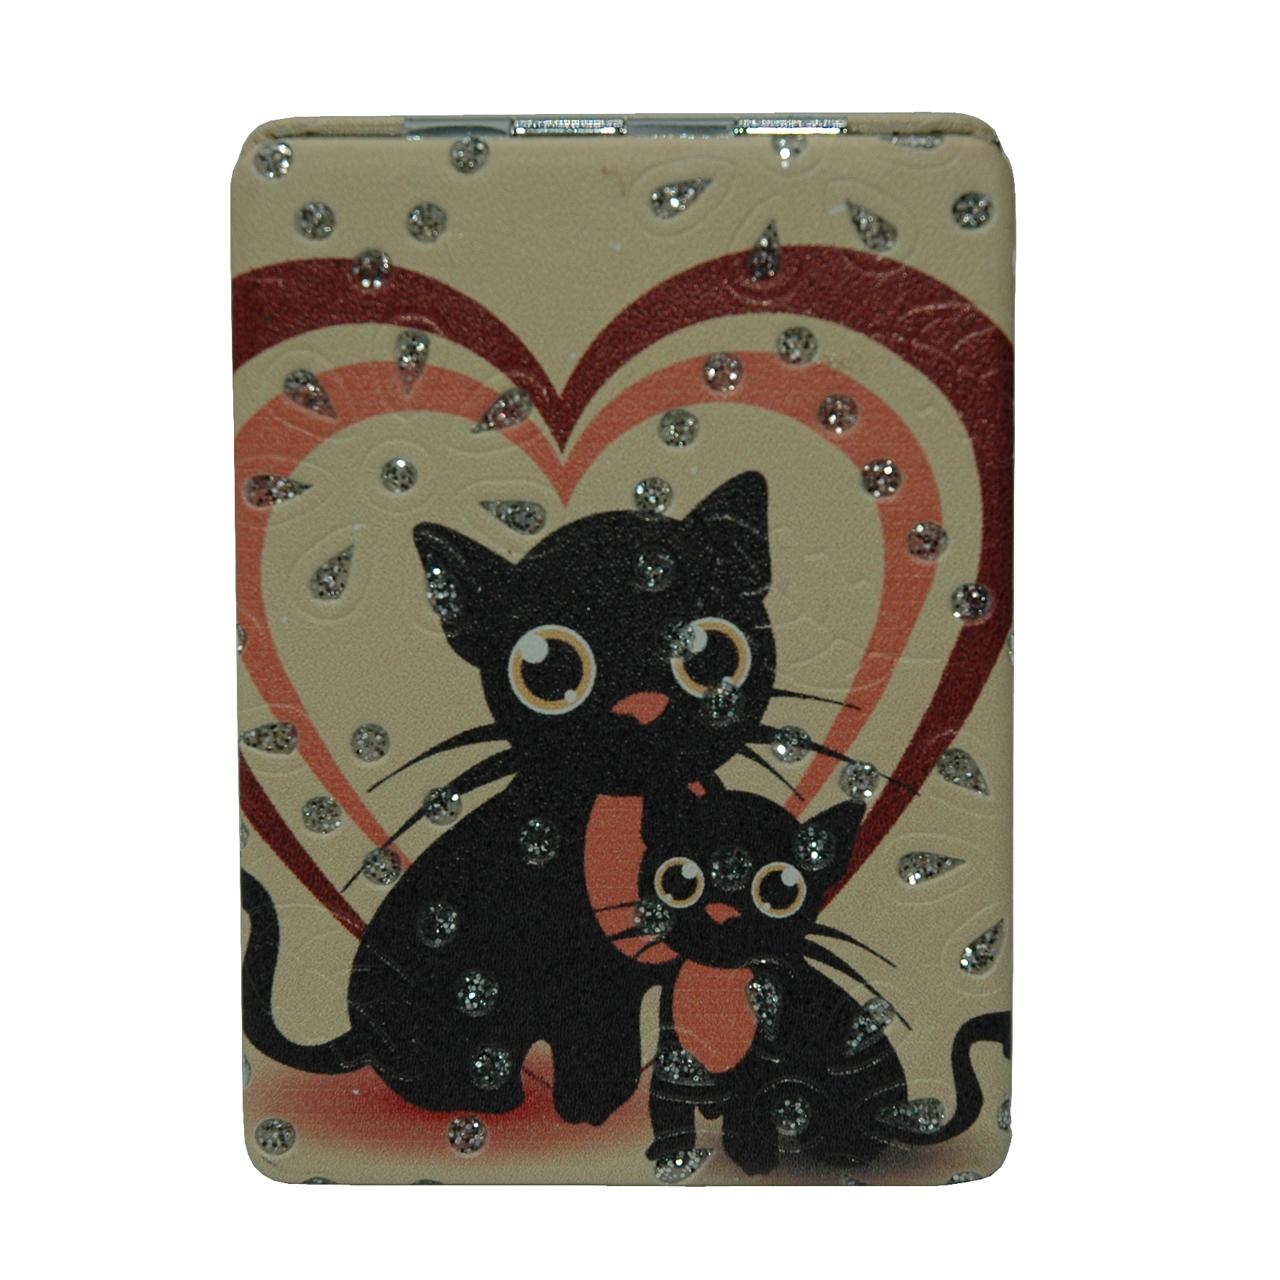 آینه جیبی طرح گربه مدل 10-233941